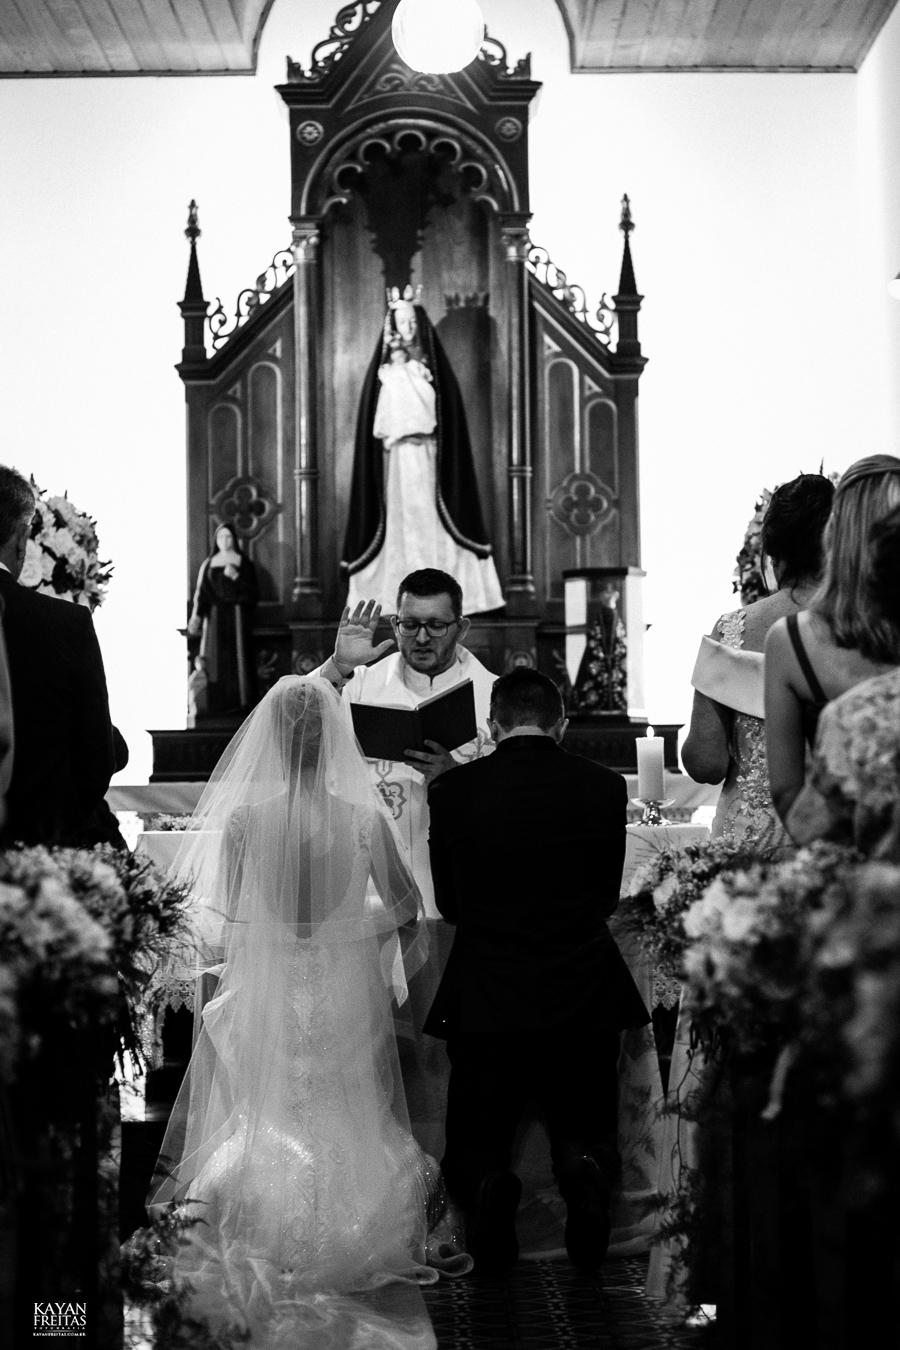 louiza-angelo-casamento-0078 Casamento Louiza e Angelo - Espaço Contemporâneo